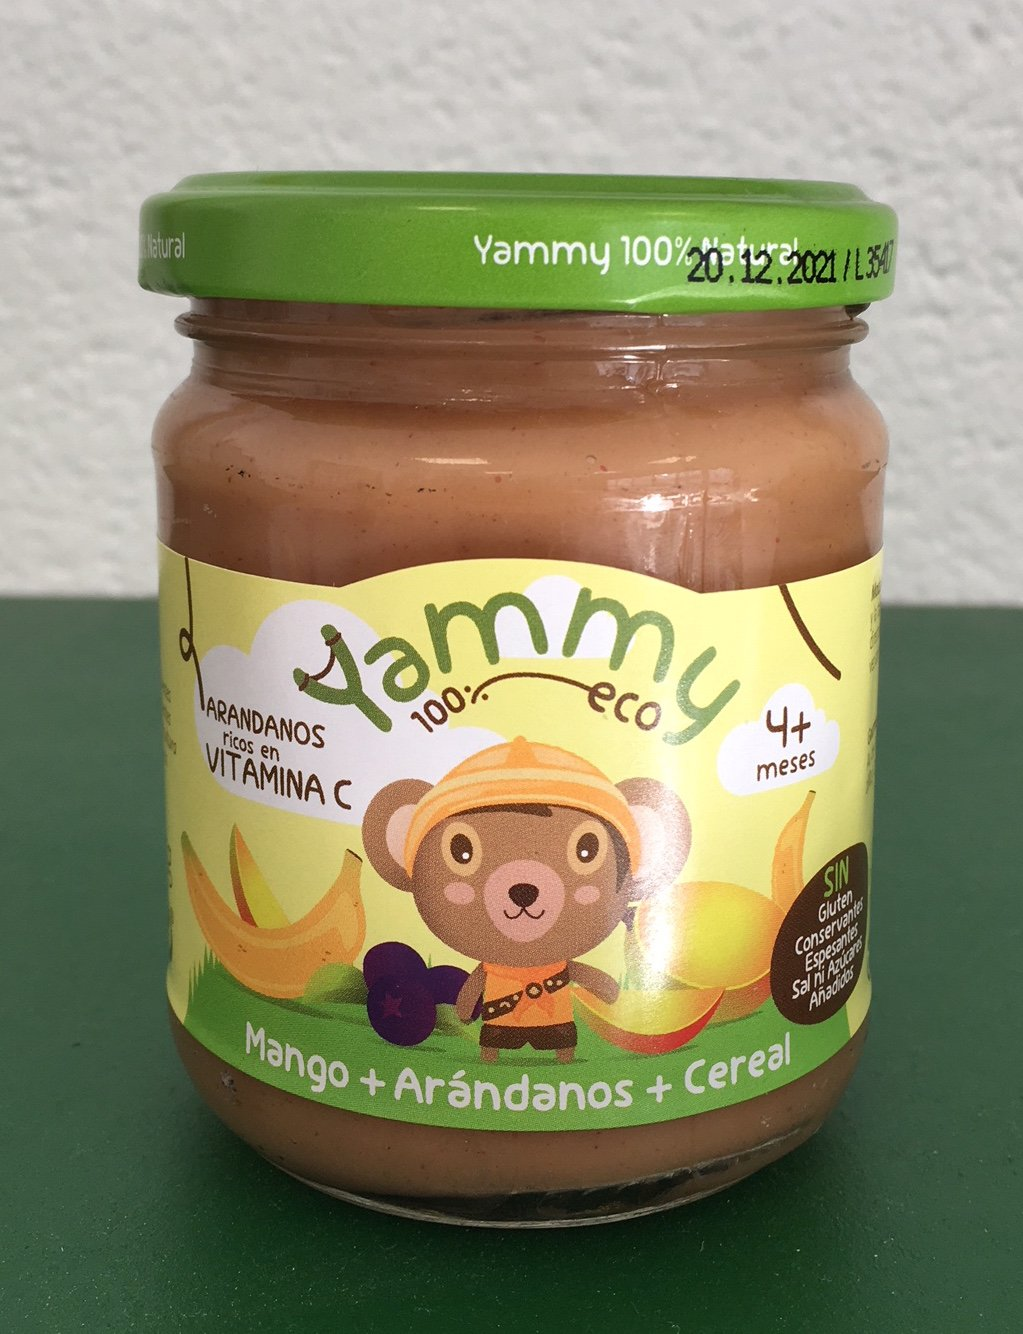 Yammy - Pack Potito Vegano: Frutas Comida Verduras + Galletas Sin Azúcar Mini Letras Pack 12 Unidades...: Amazon.es: Alimentación y bebidas